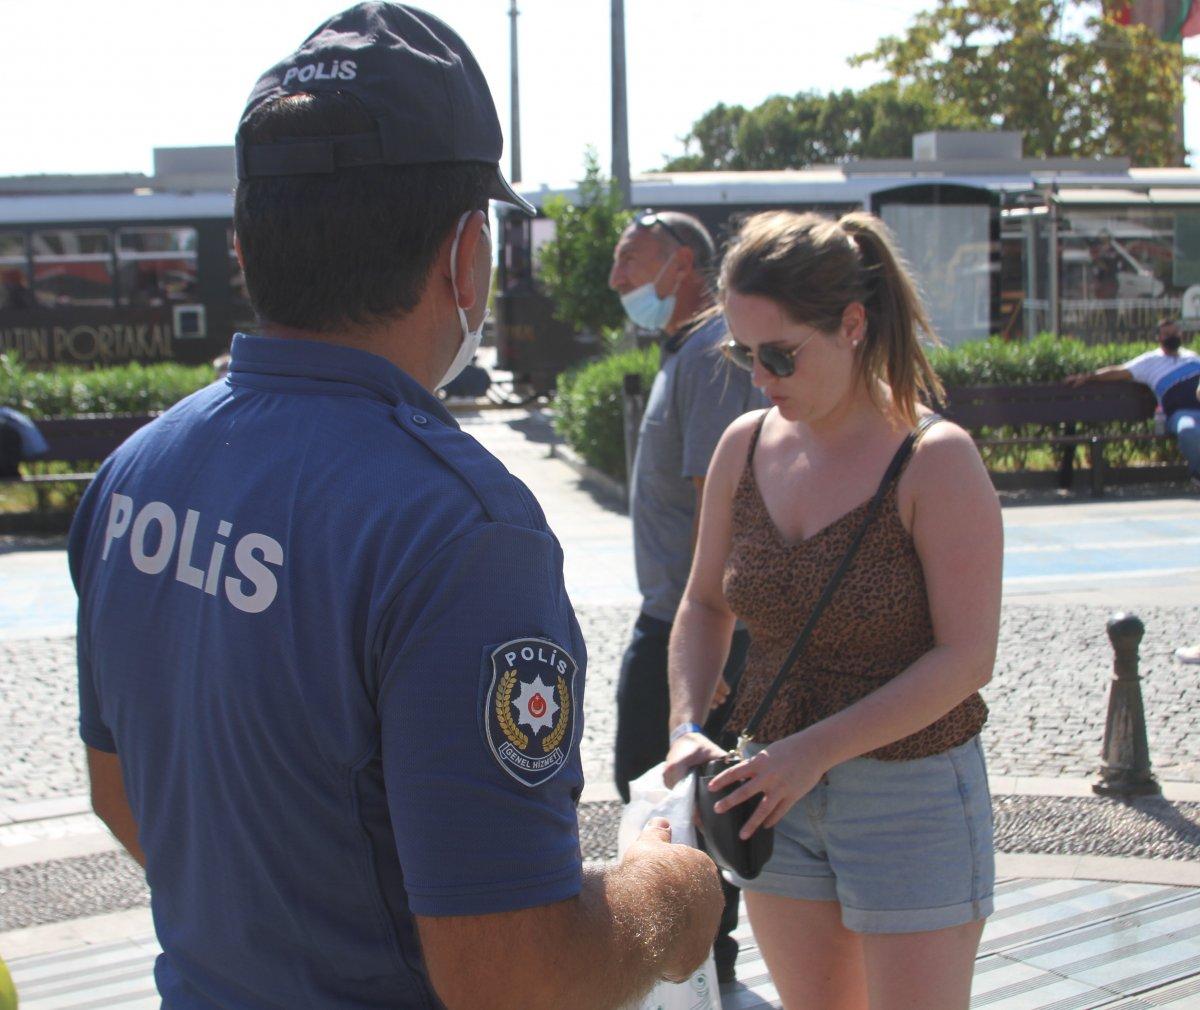 Antalya'da maske takmayan gençten ilginç savunma: Nefes almak doğal hak, mahrum kalmak istemiyorum